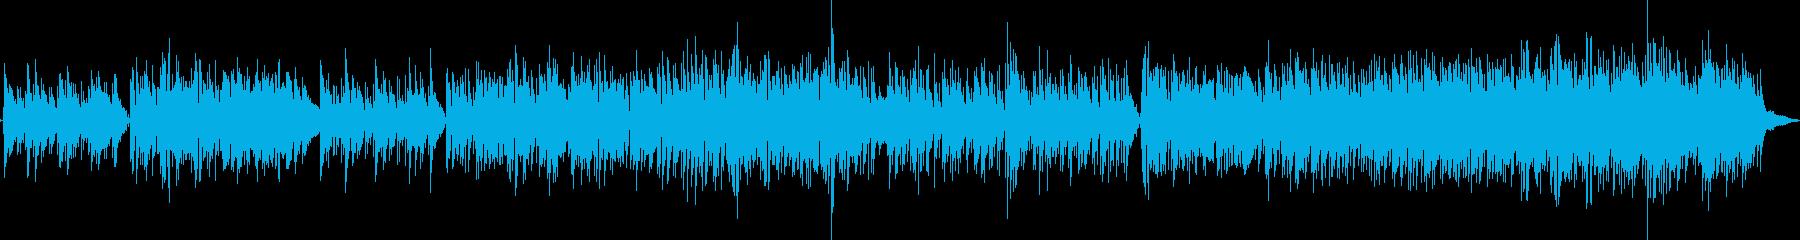 フュージョン系モダンなジャズギターポップの再生済みの波形